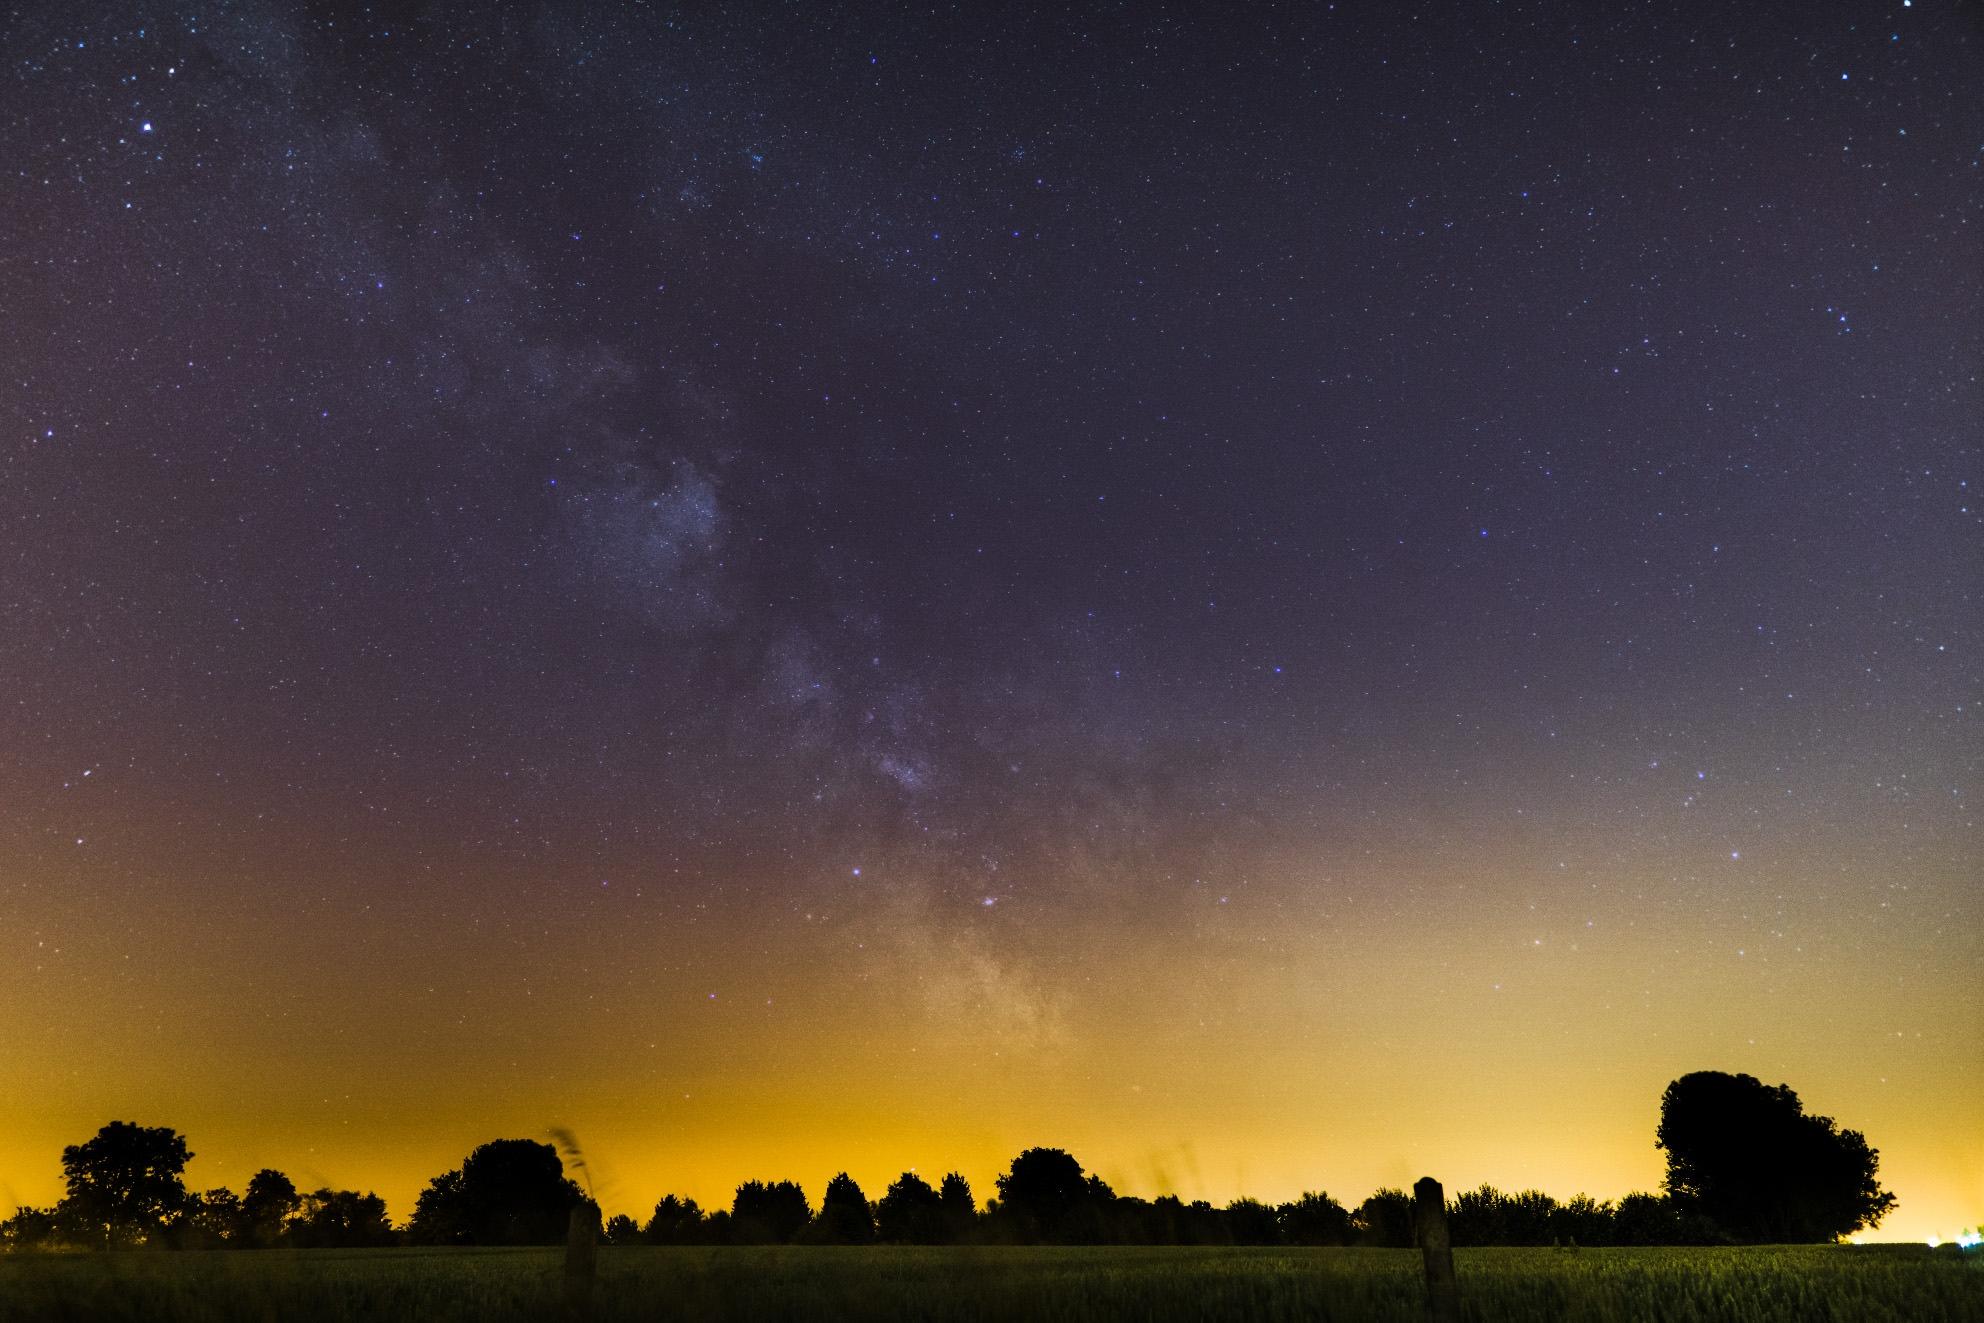 nuages noctiluques et voie lactée 122643-1529490491